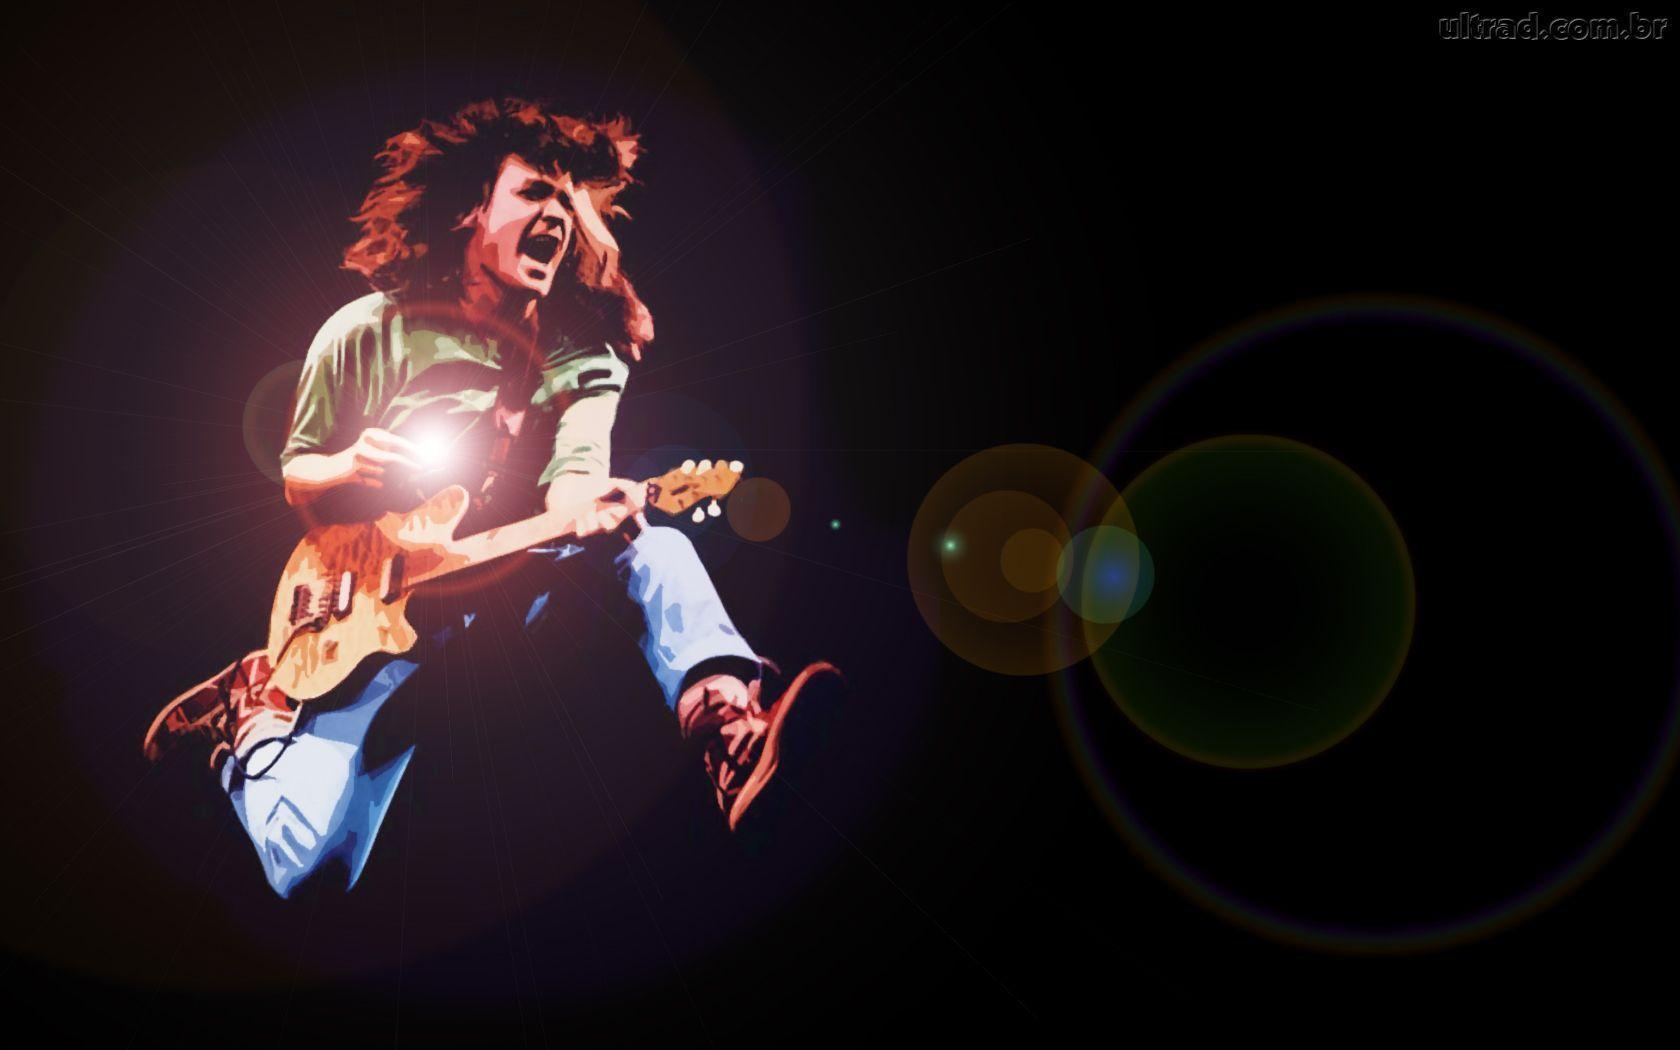 45 Eddie Van Halen Wallpapers   Download at WallpaperBro 1680x1050